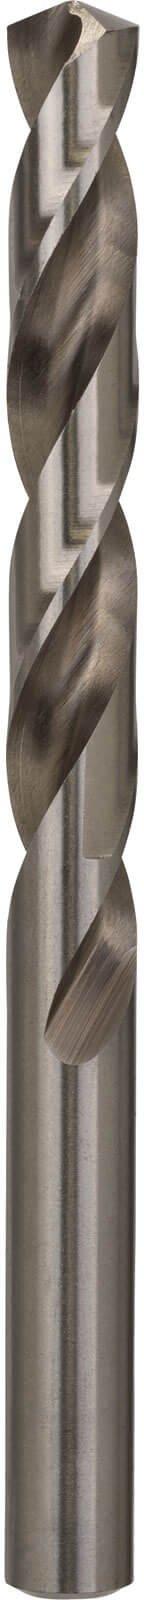 Bosch HSS G Drill Bit 11 8mm Pack of 5